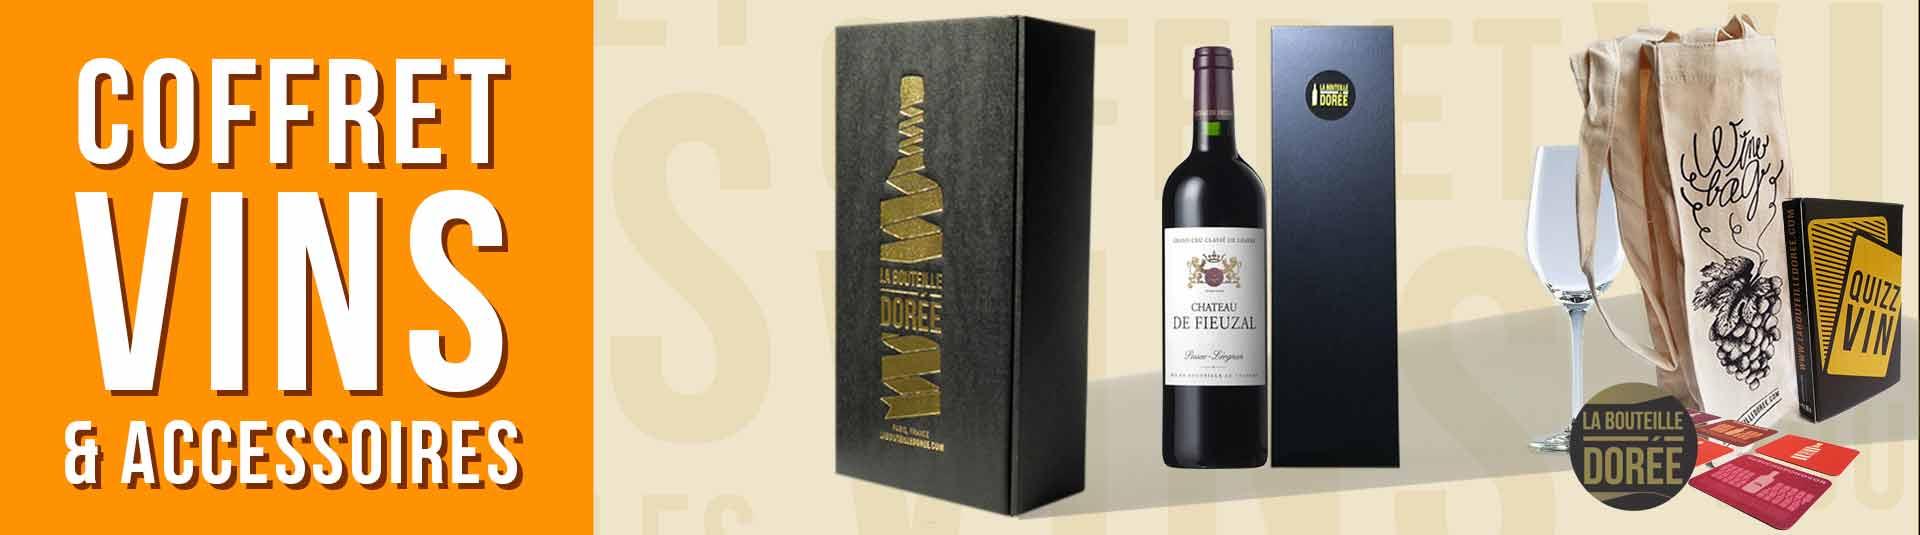 coffret vin 1983 avec accessoires